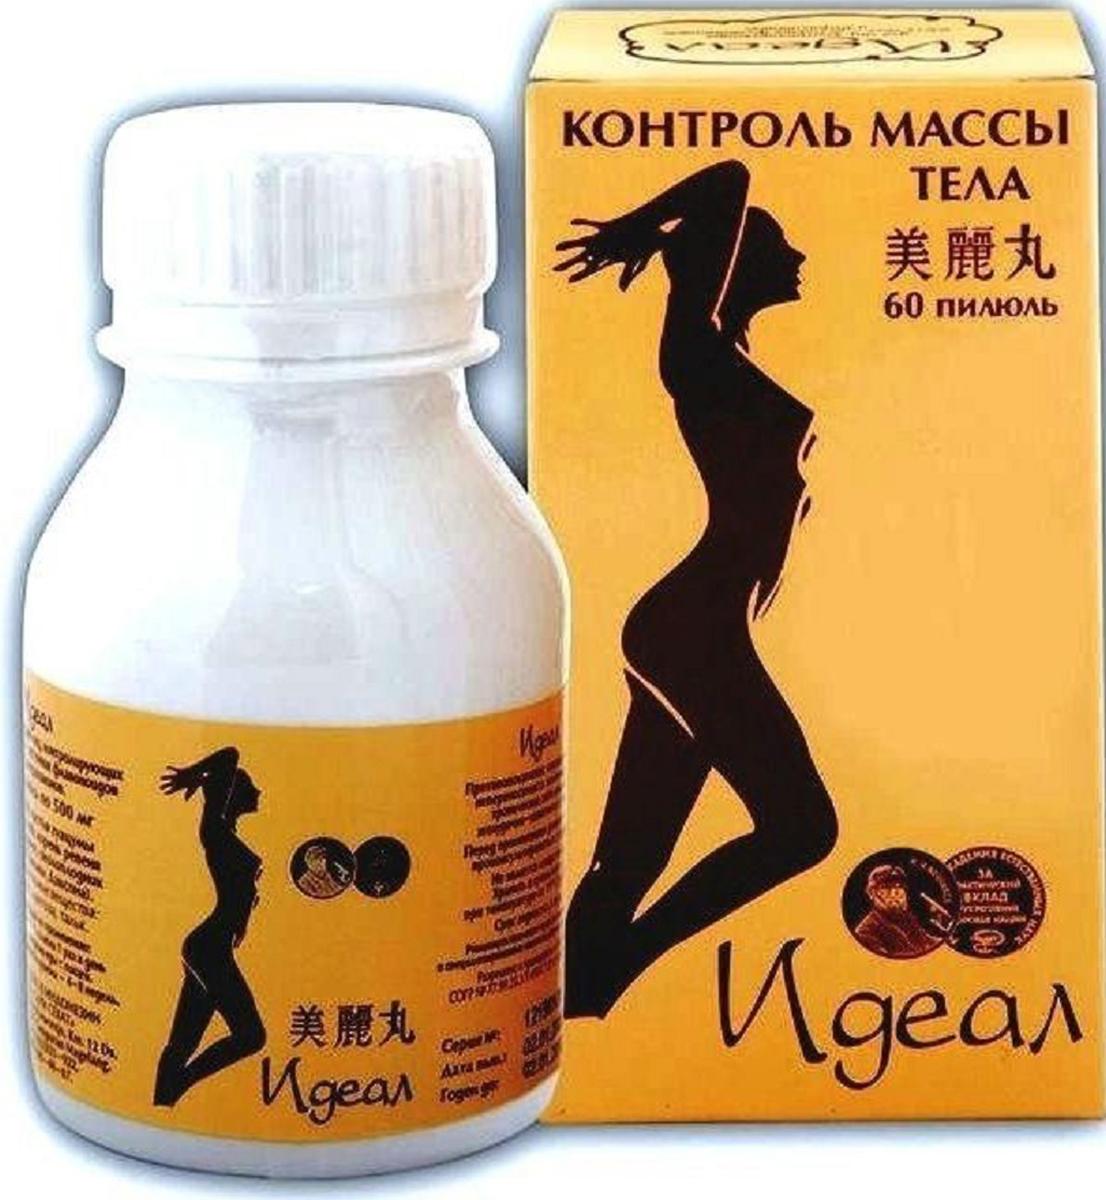 Идеал пилюли 500 мг №60 петр кимович петров интеллектуальные пилюли